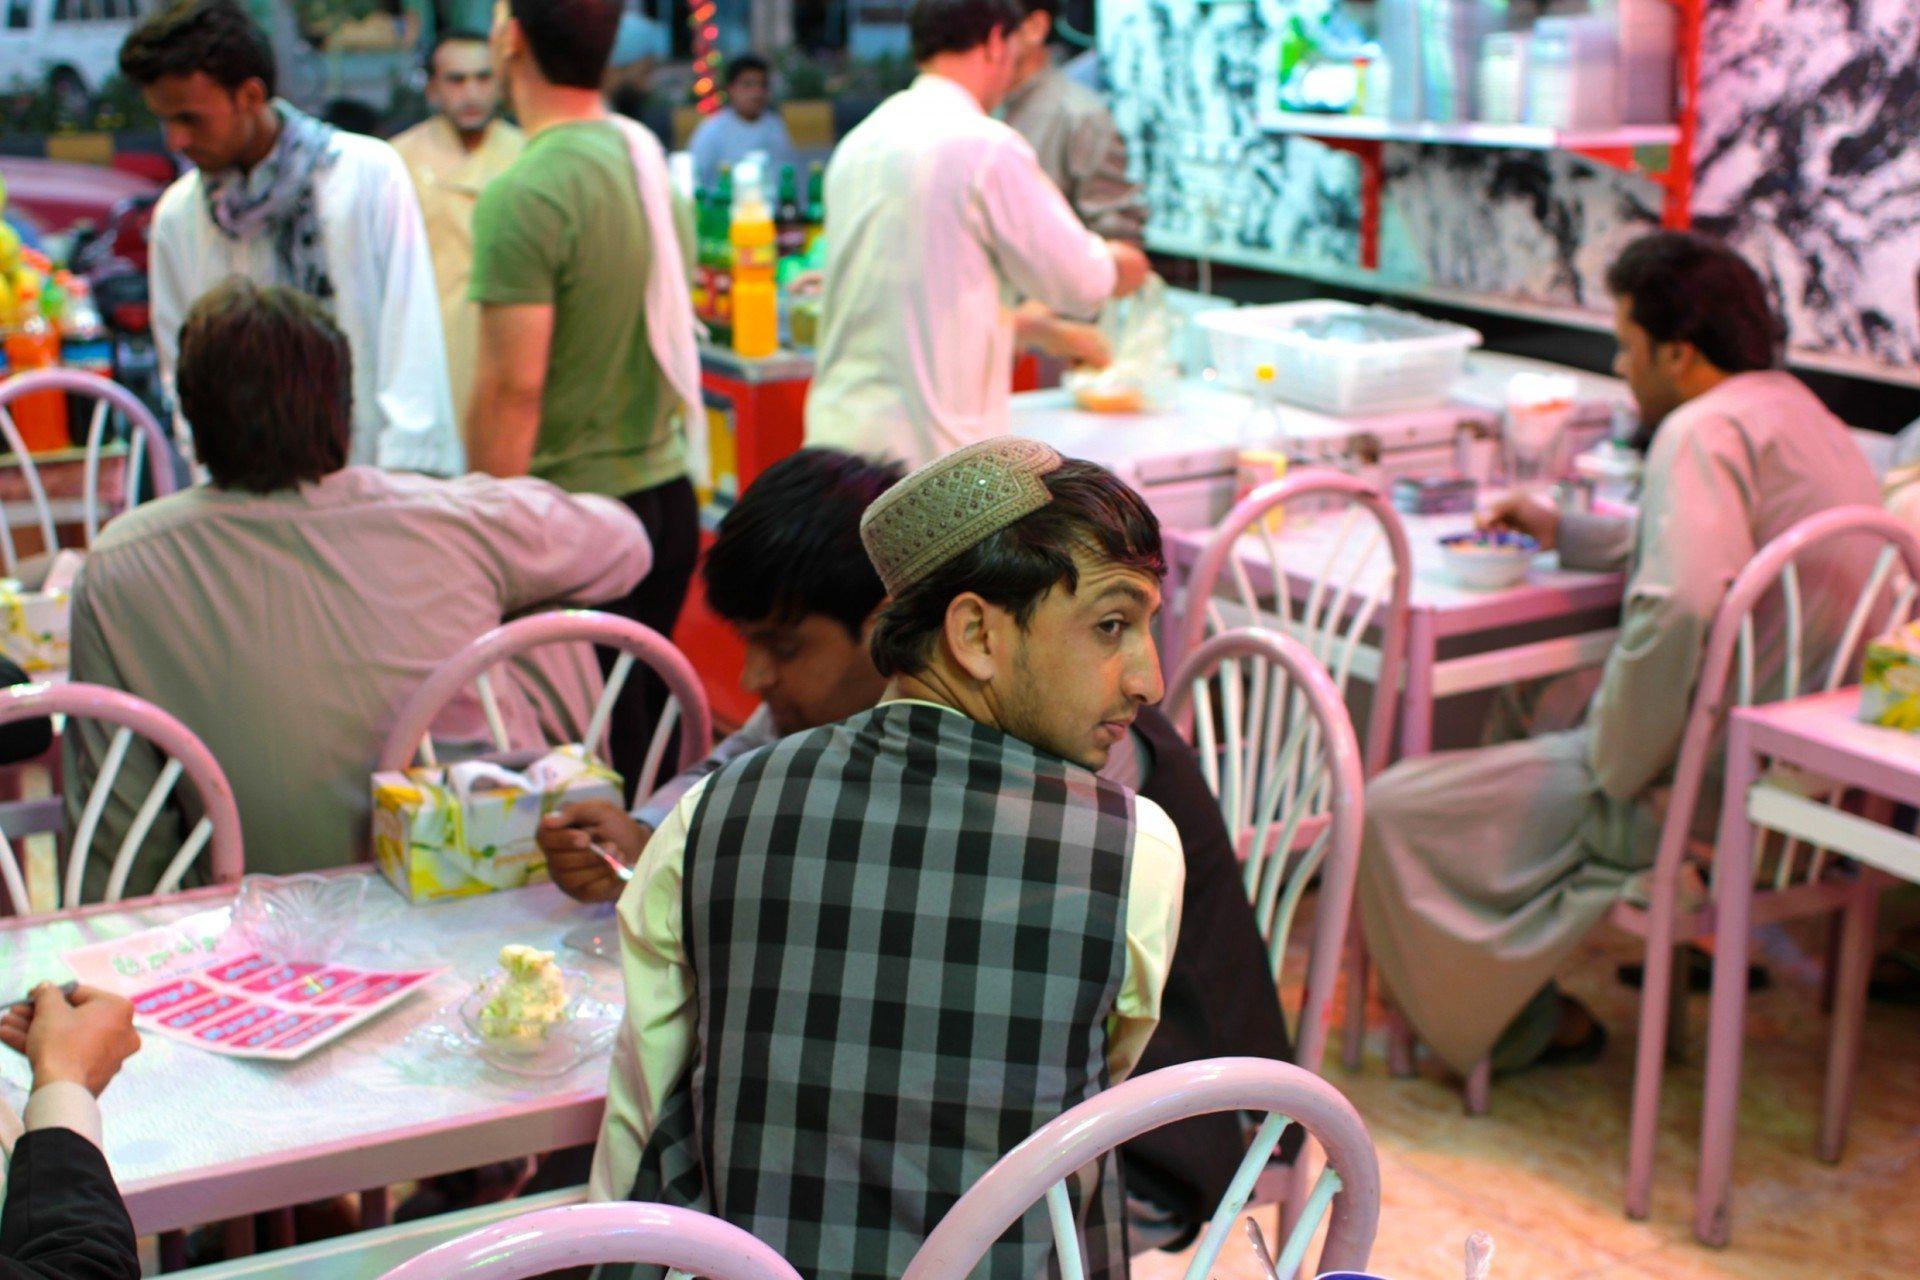 Die Eisverkäufer.  Eisdiele in der Herater Innenstadt